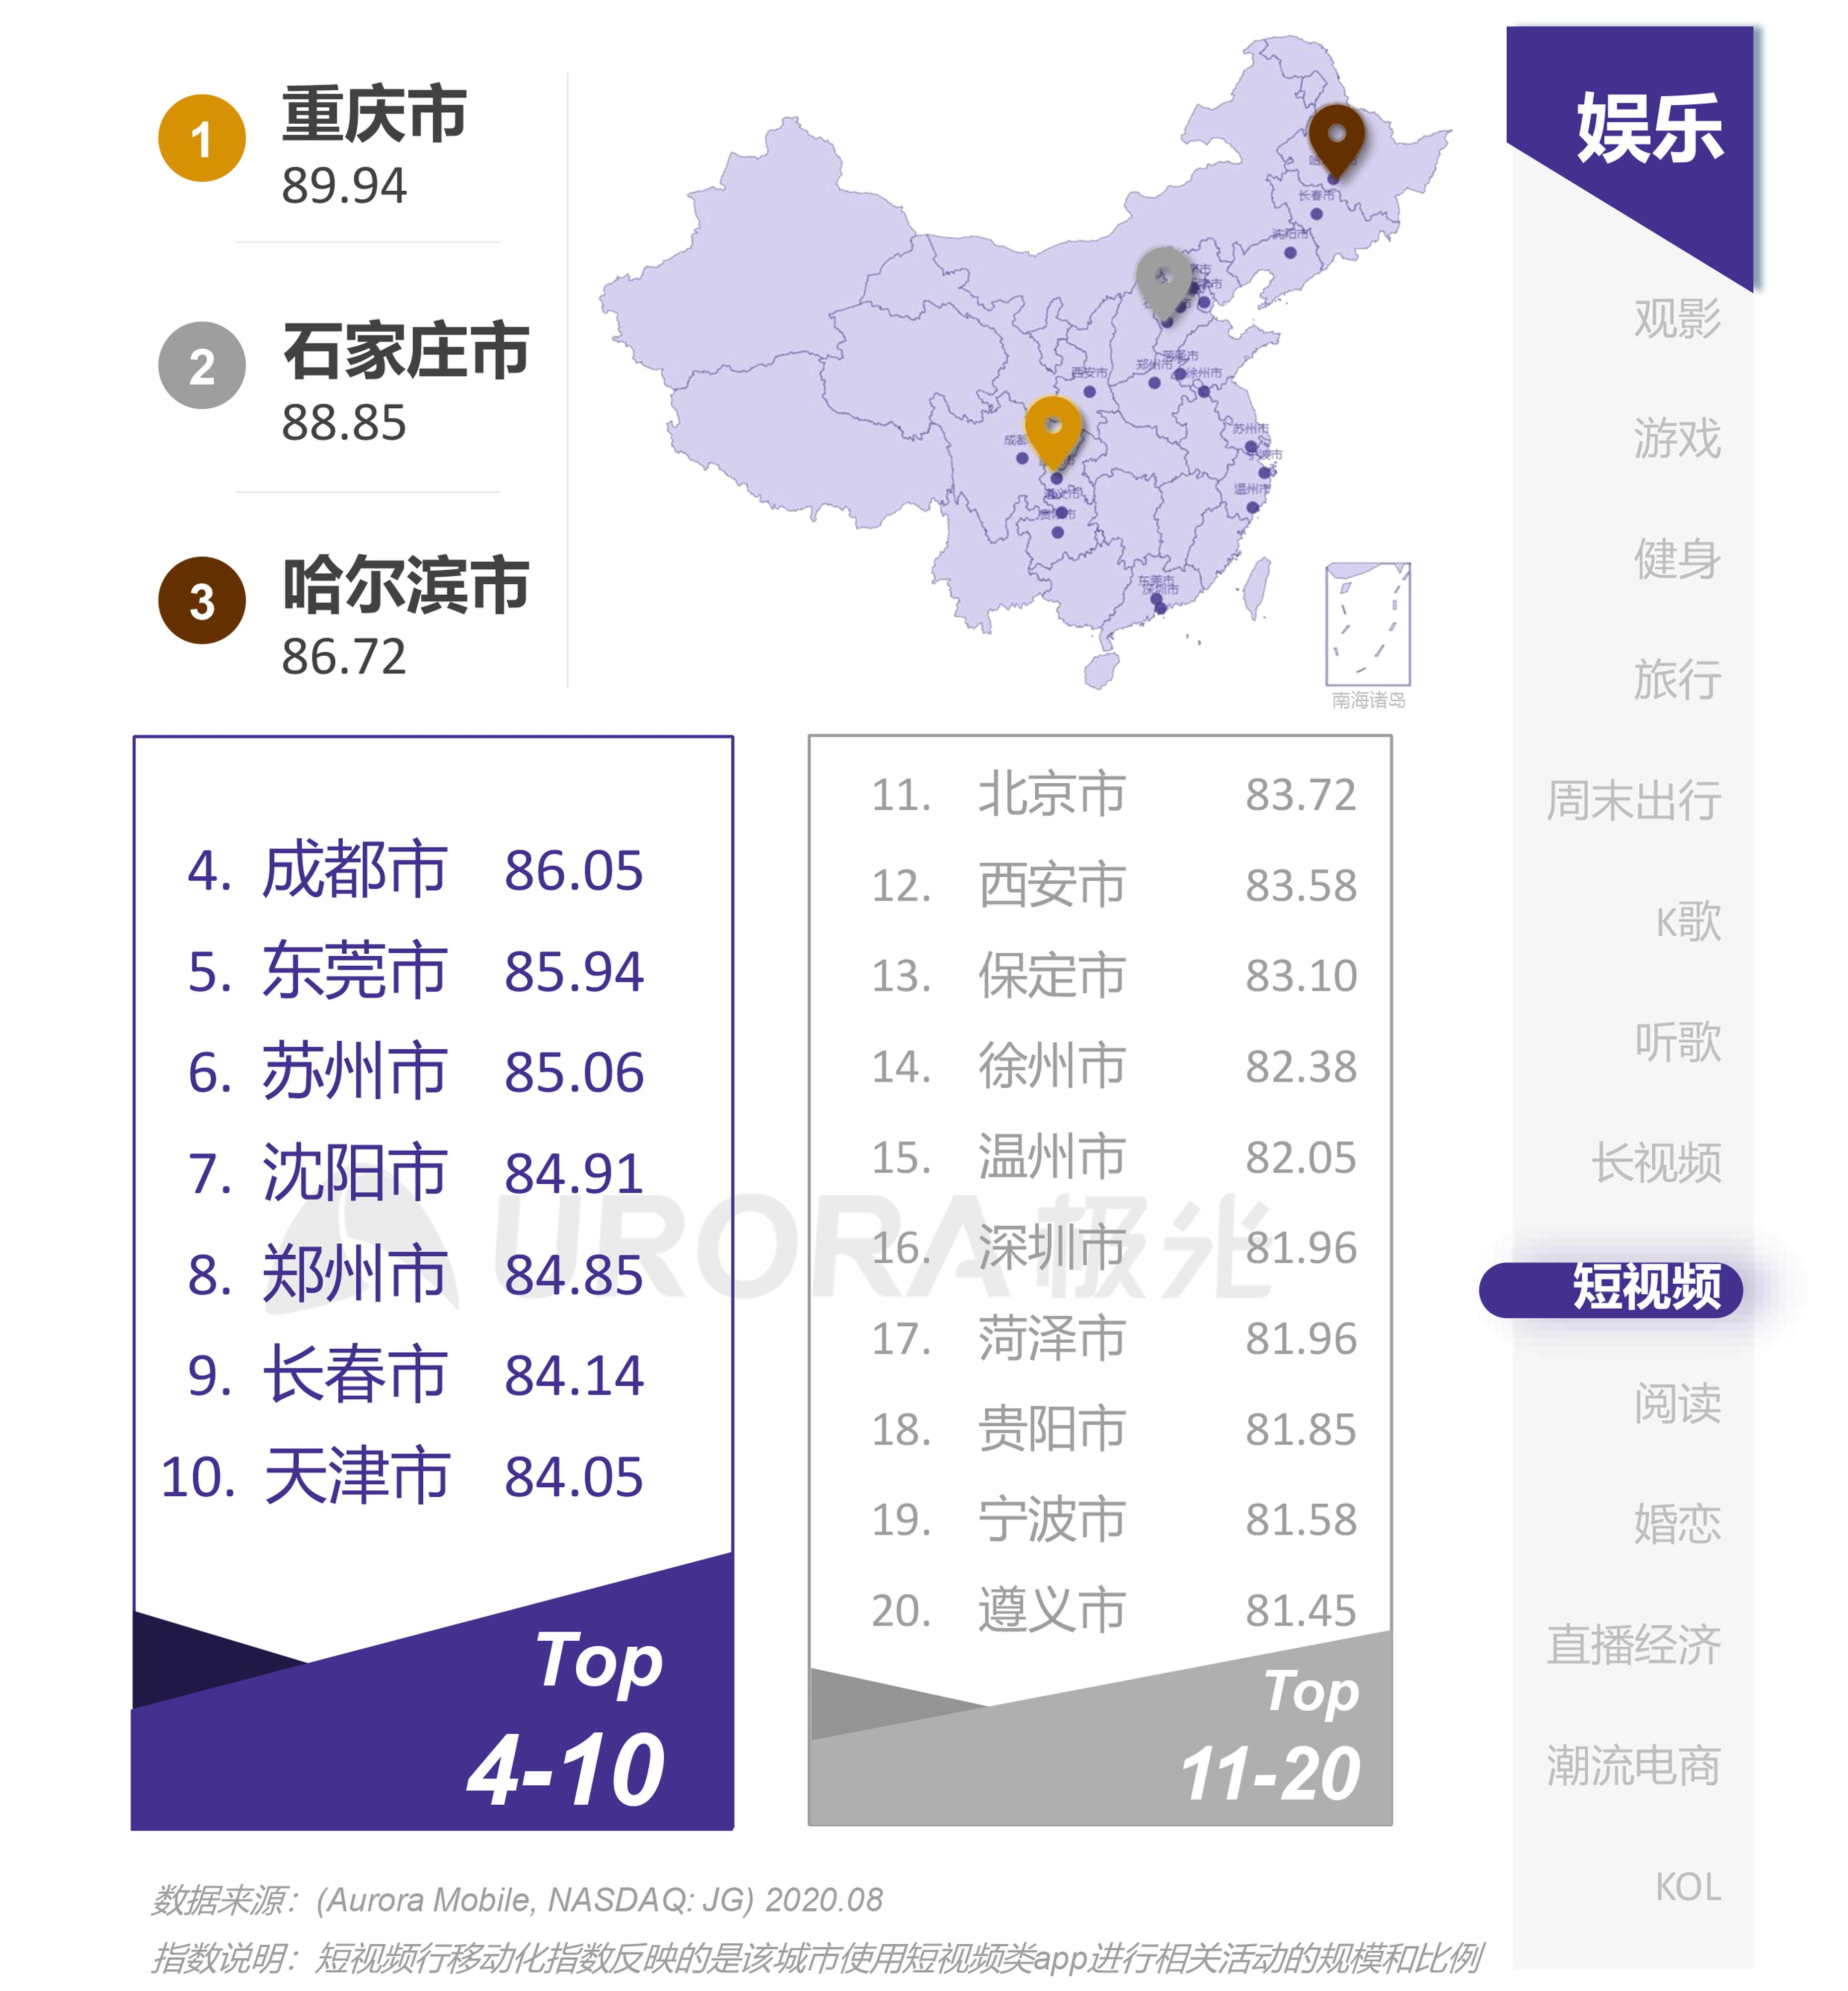 极光:互联网城市榜单 (27).png